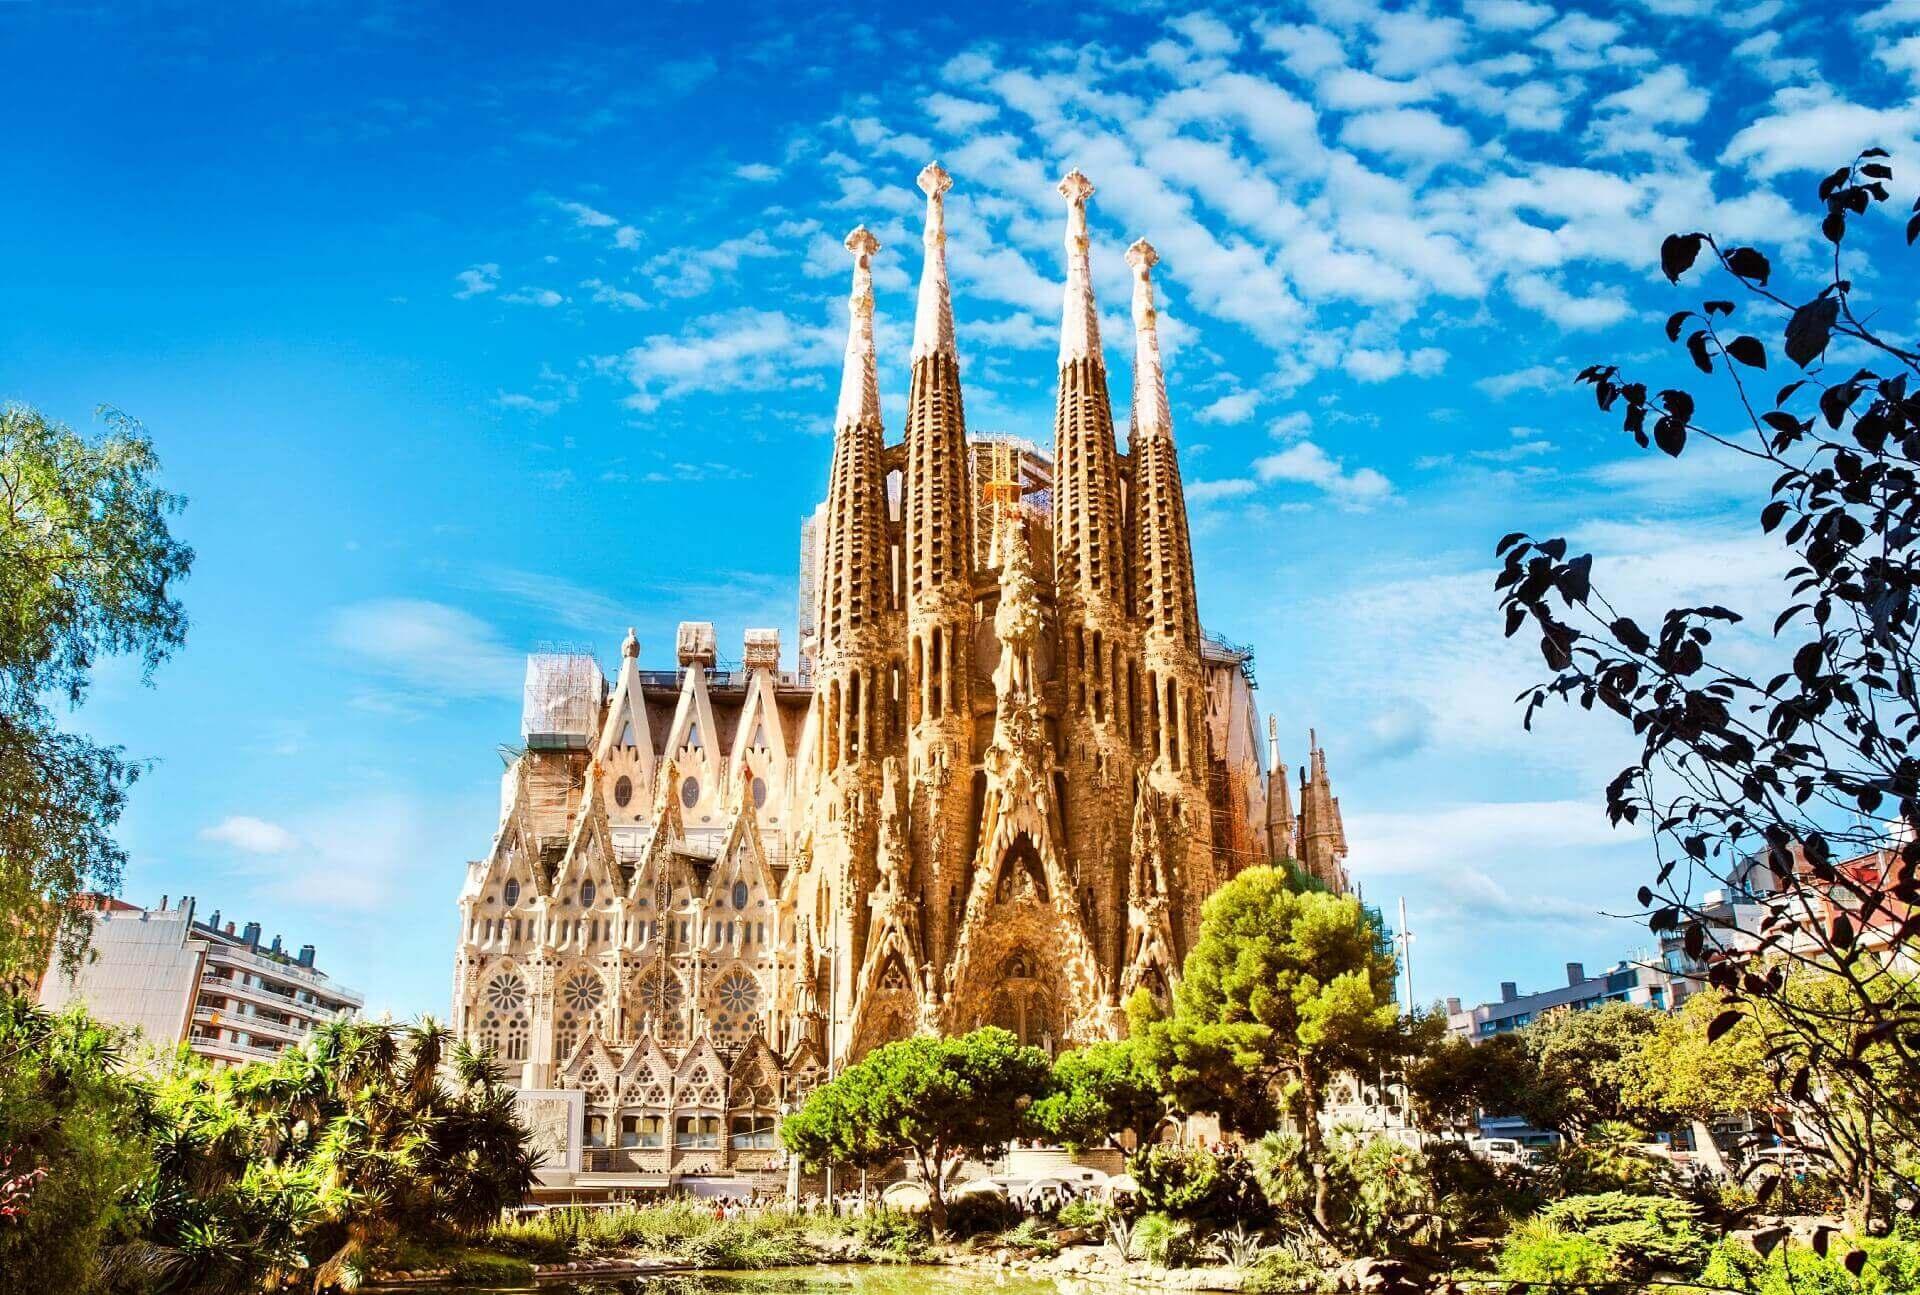 Die Sagrada Familia in Barcelona im Sommer